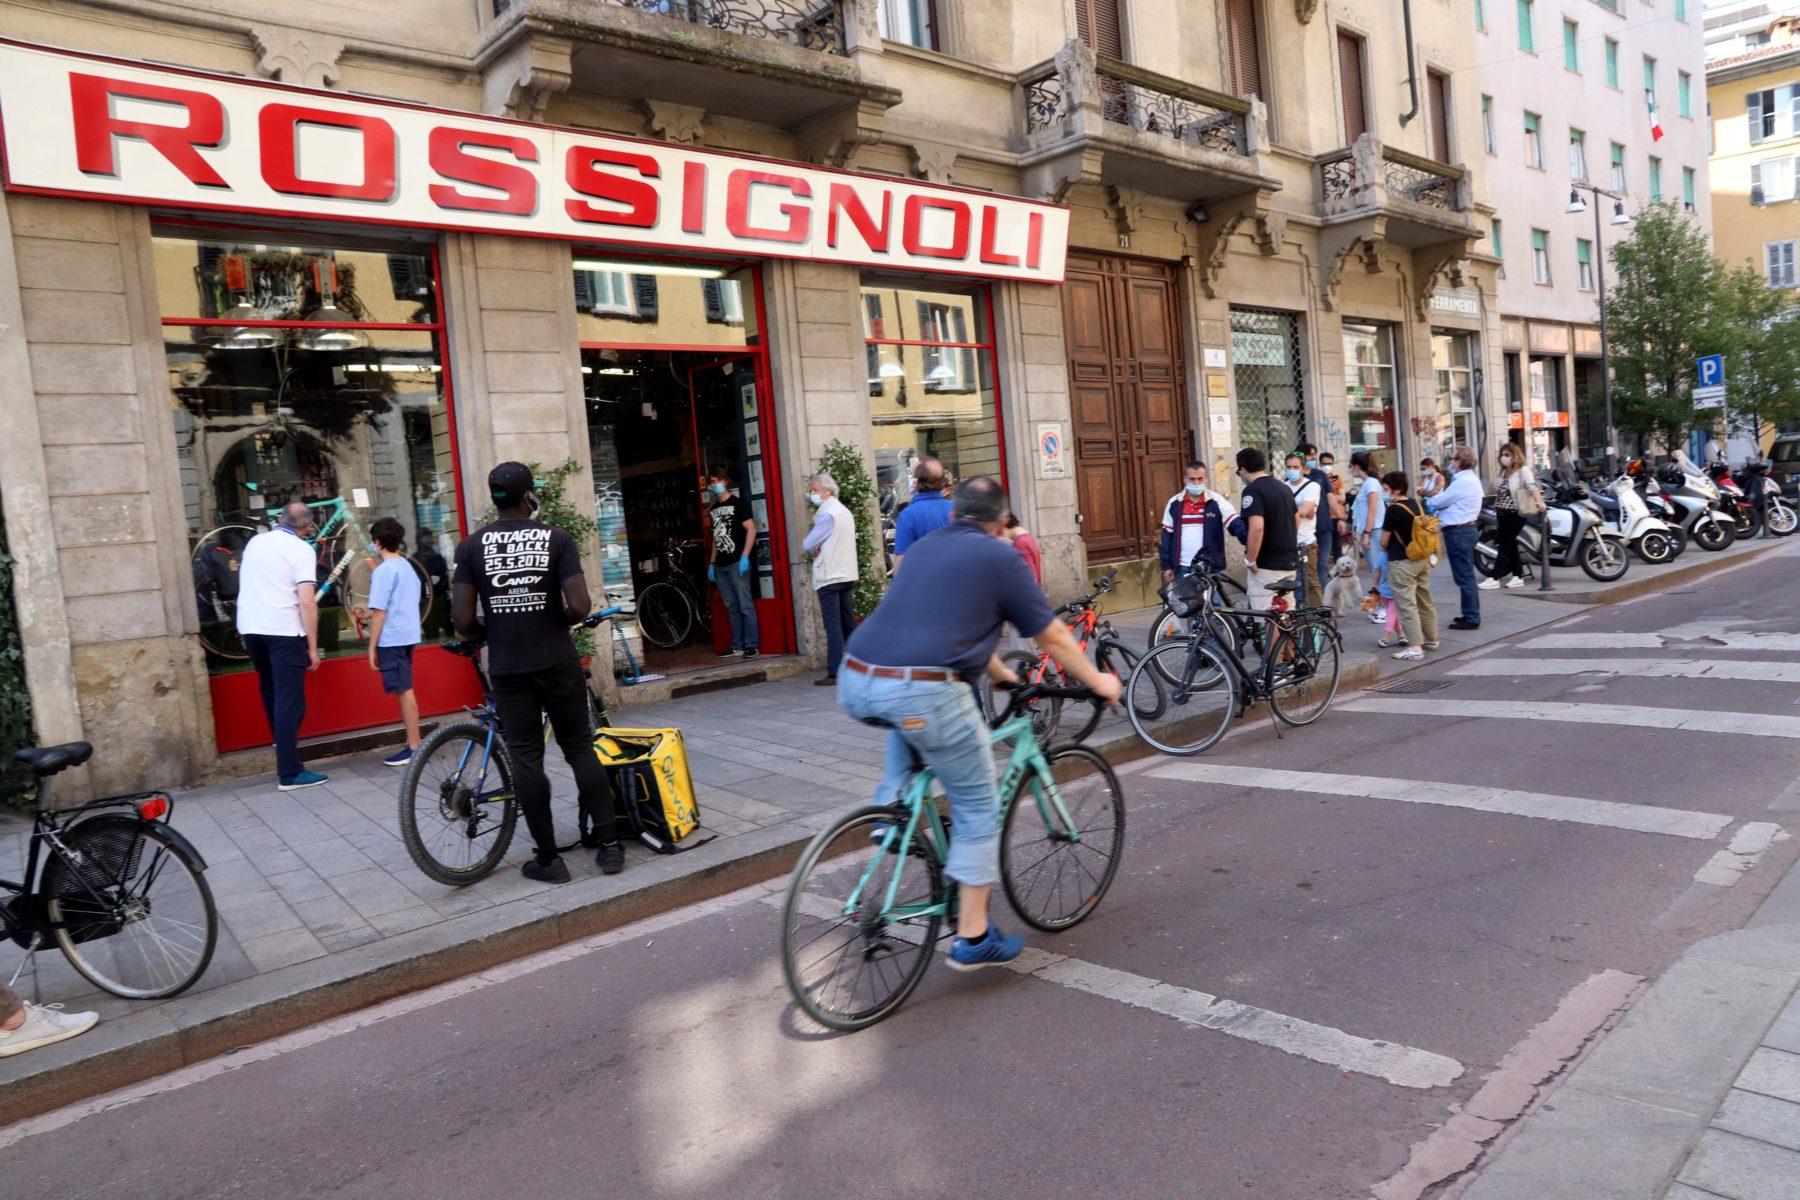 bonus biciclette - Rossignoli